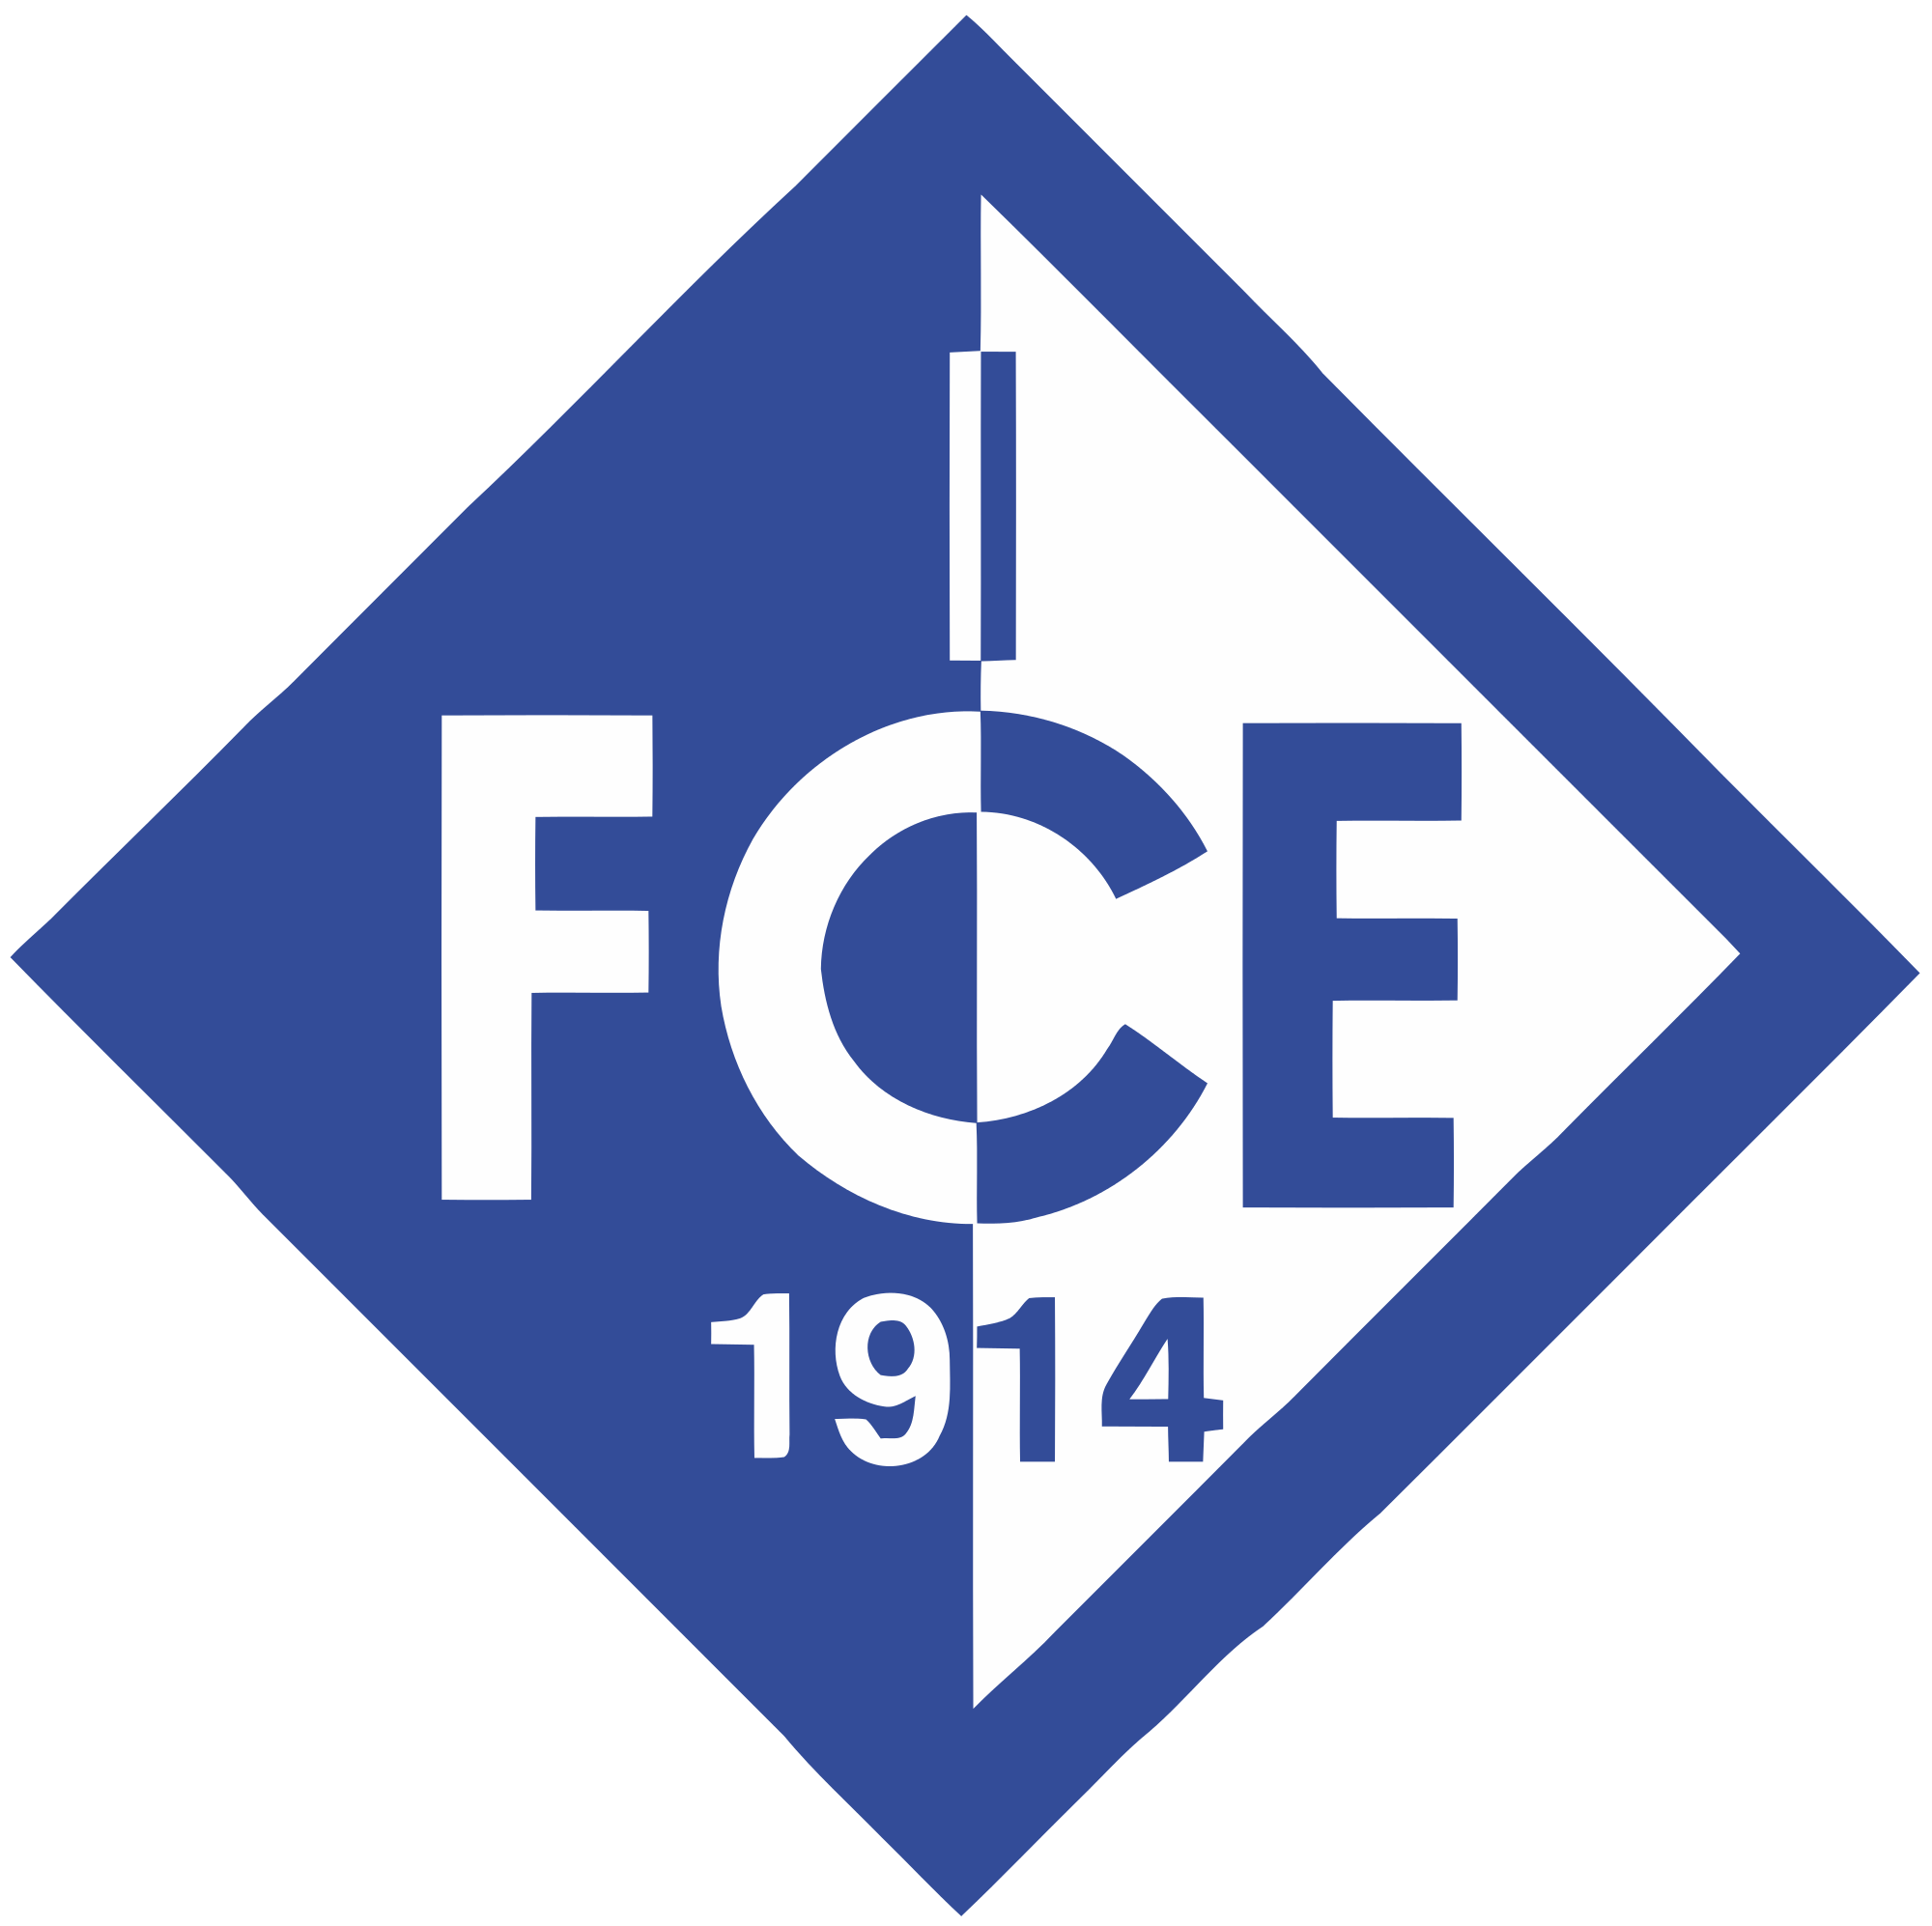 1.FC Eislingen 1914 e.V. I